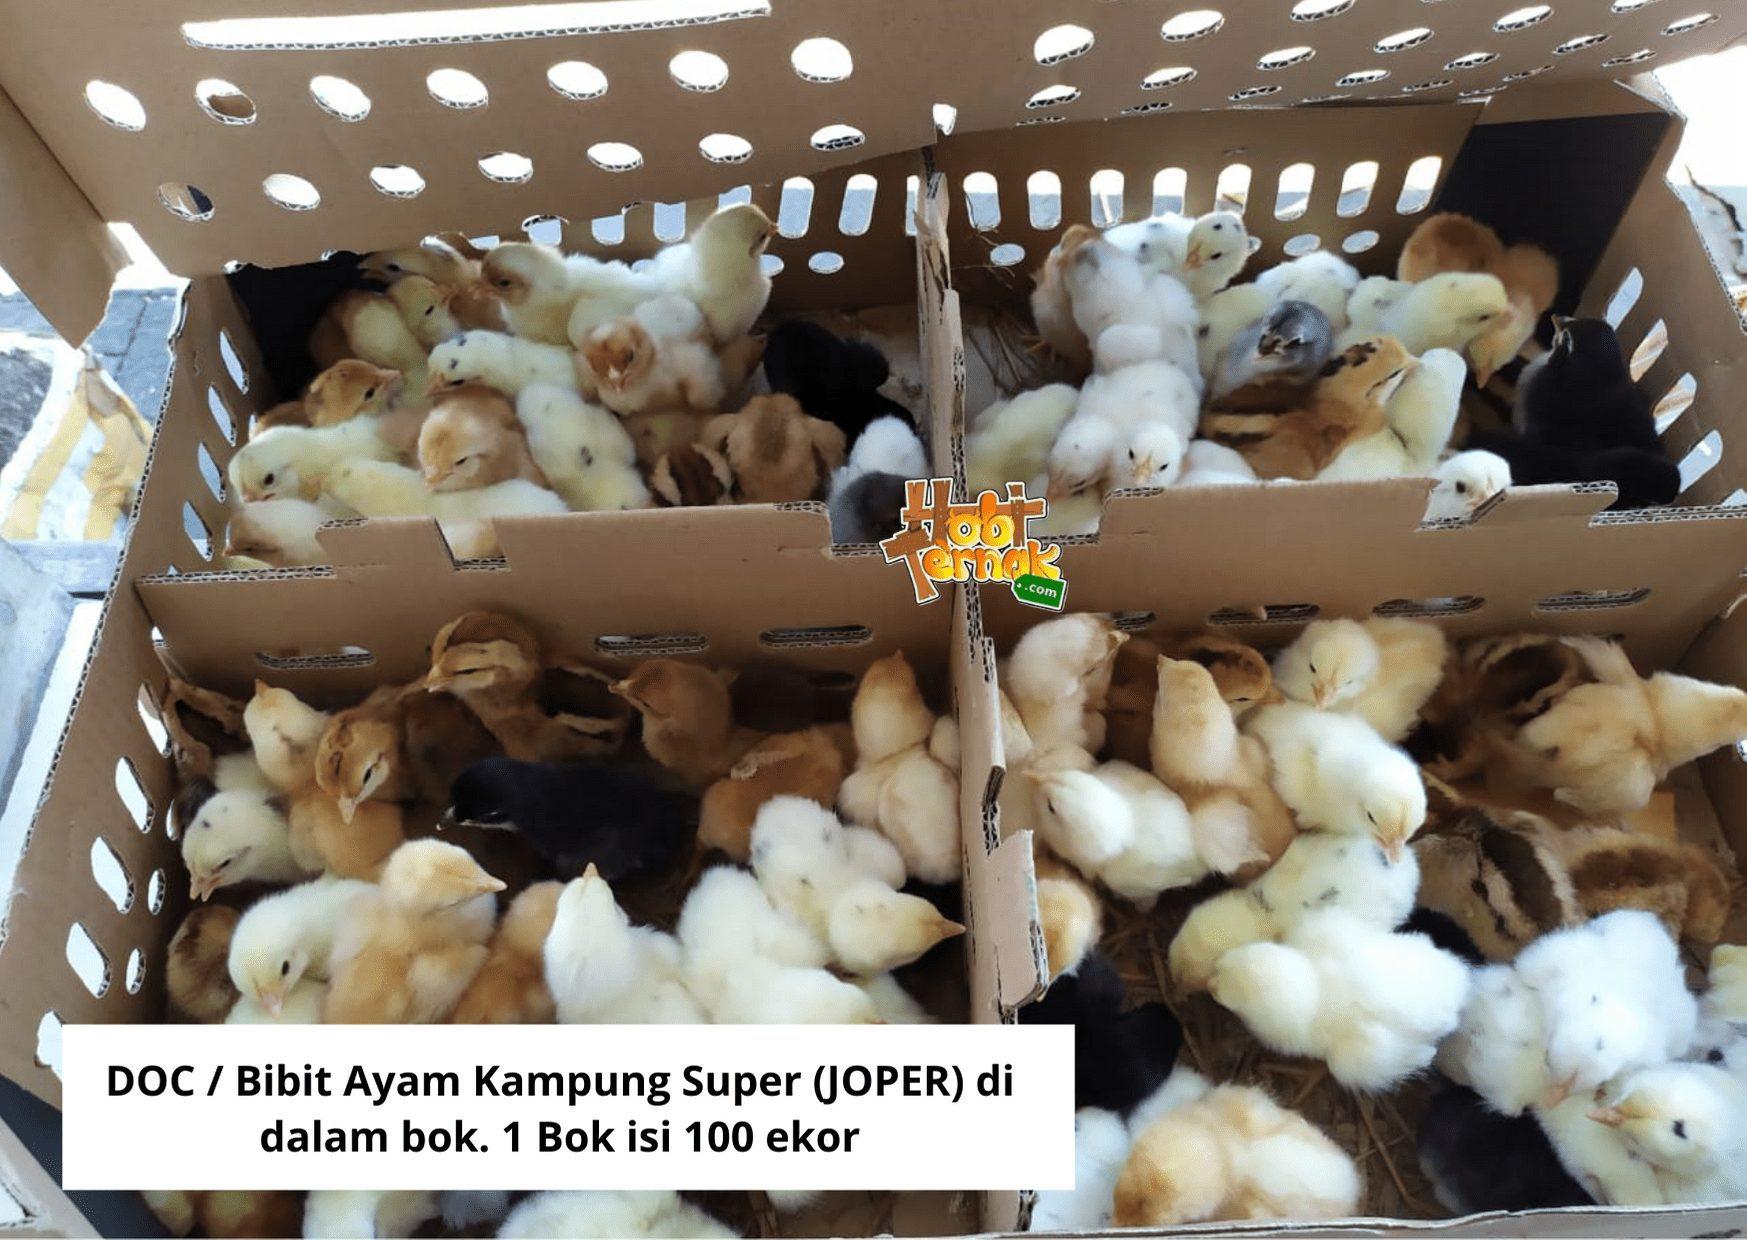 Asal usul ayam joper ini memang di desain untuk menjadi solusi peternak ayam kampung asli yang harus menunggu 3 bulan lebih untuk memanennya. Dengan masa panen yang hanya membutuhkan waktu 60 hari, tentunya perputaran modal bisa lebih cepat.